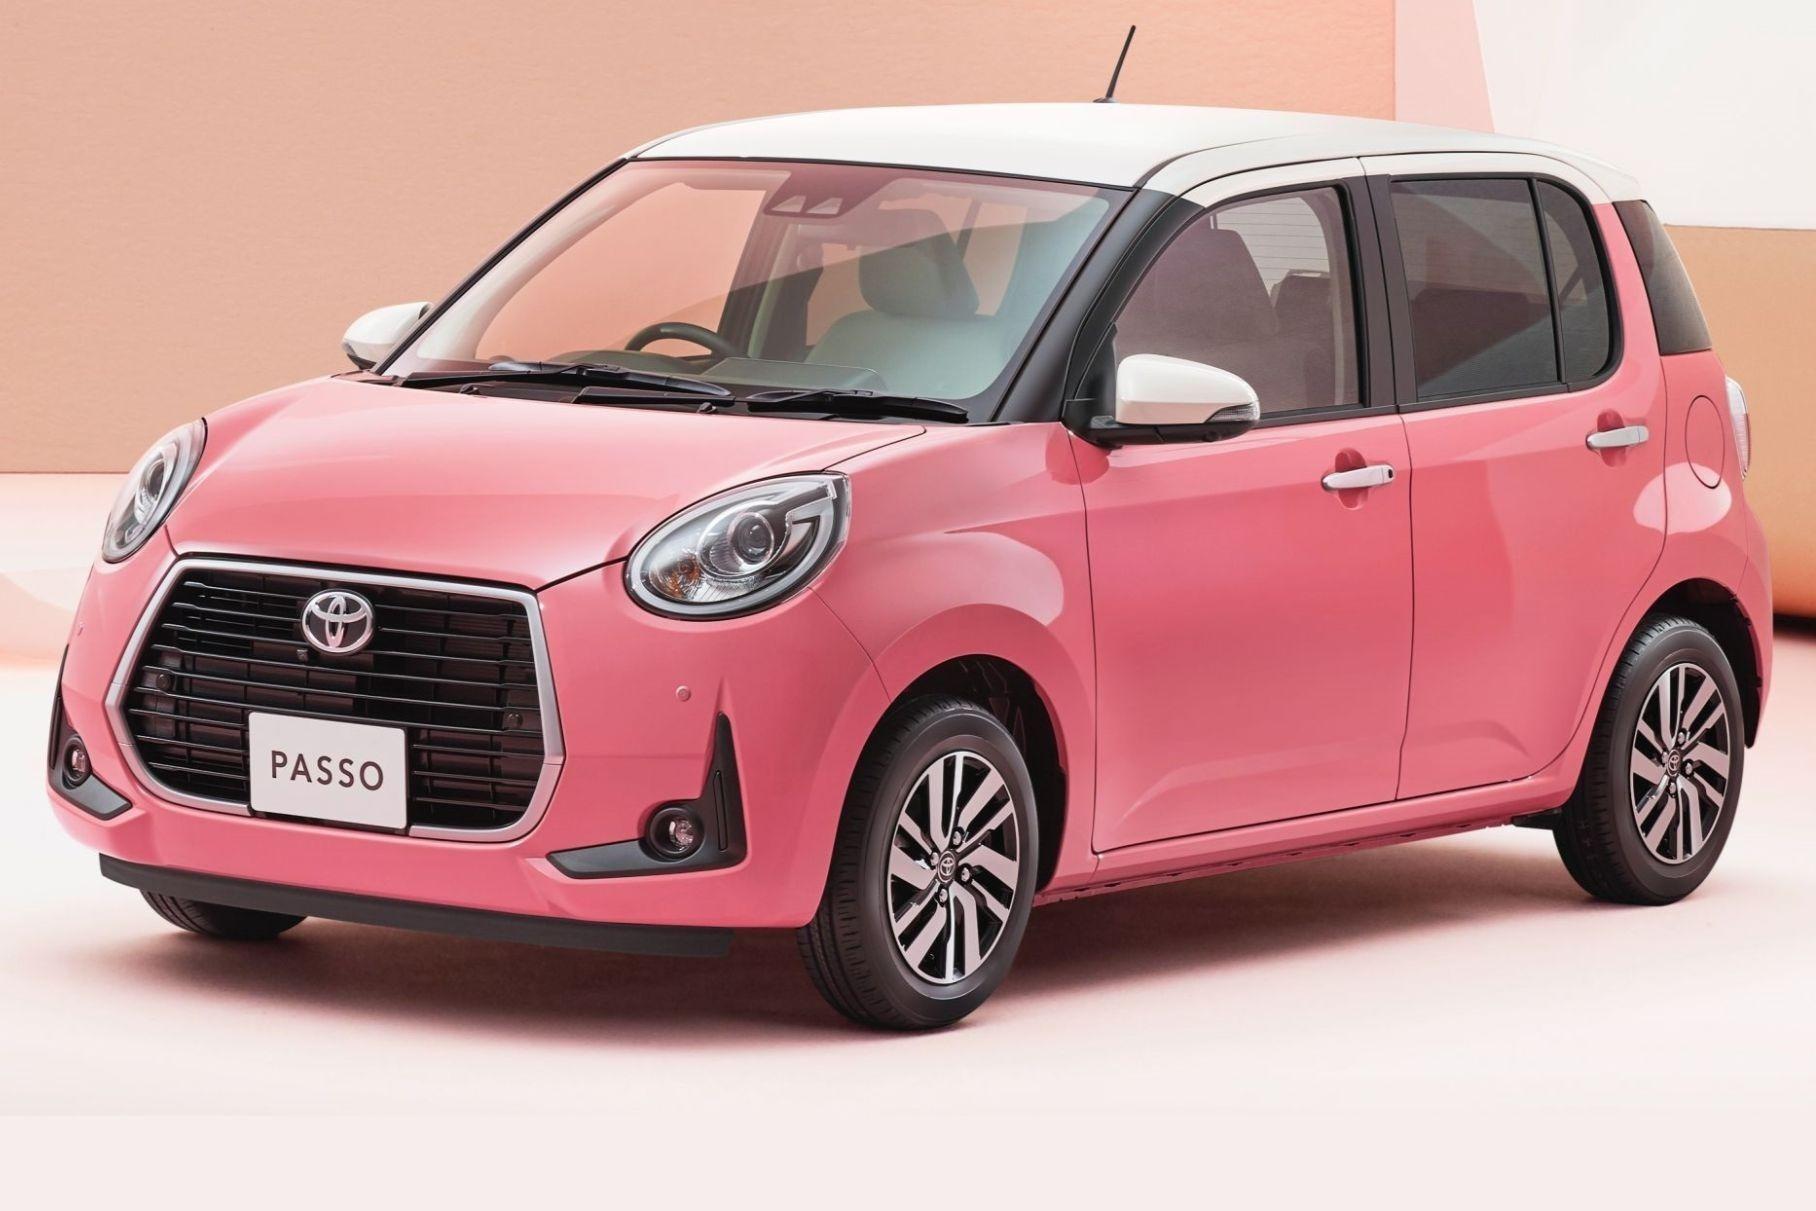 Toyota выпустила автомобиль только для женщин